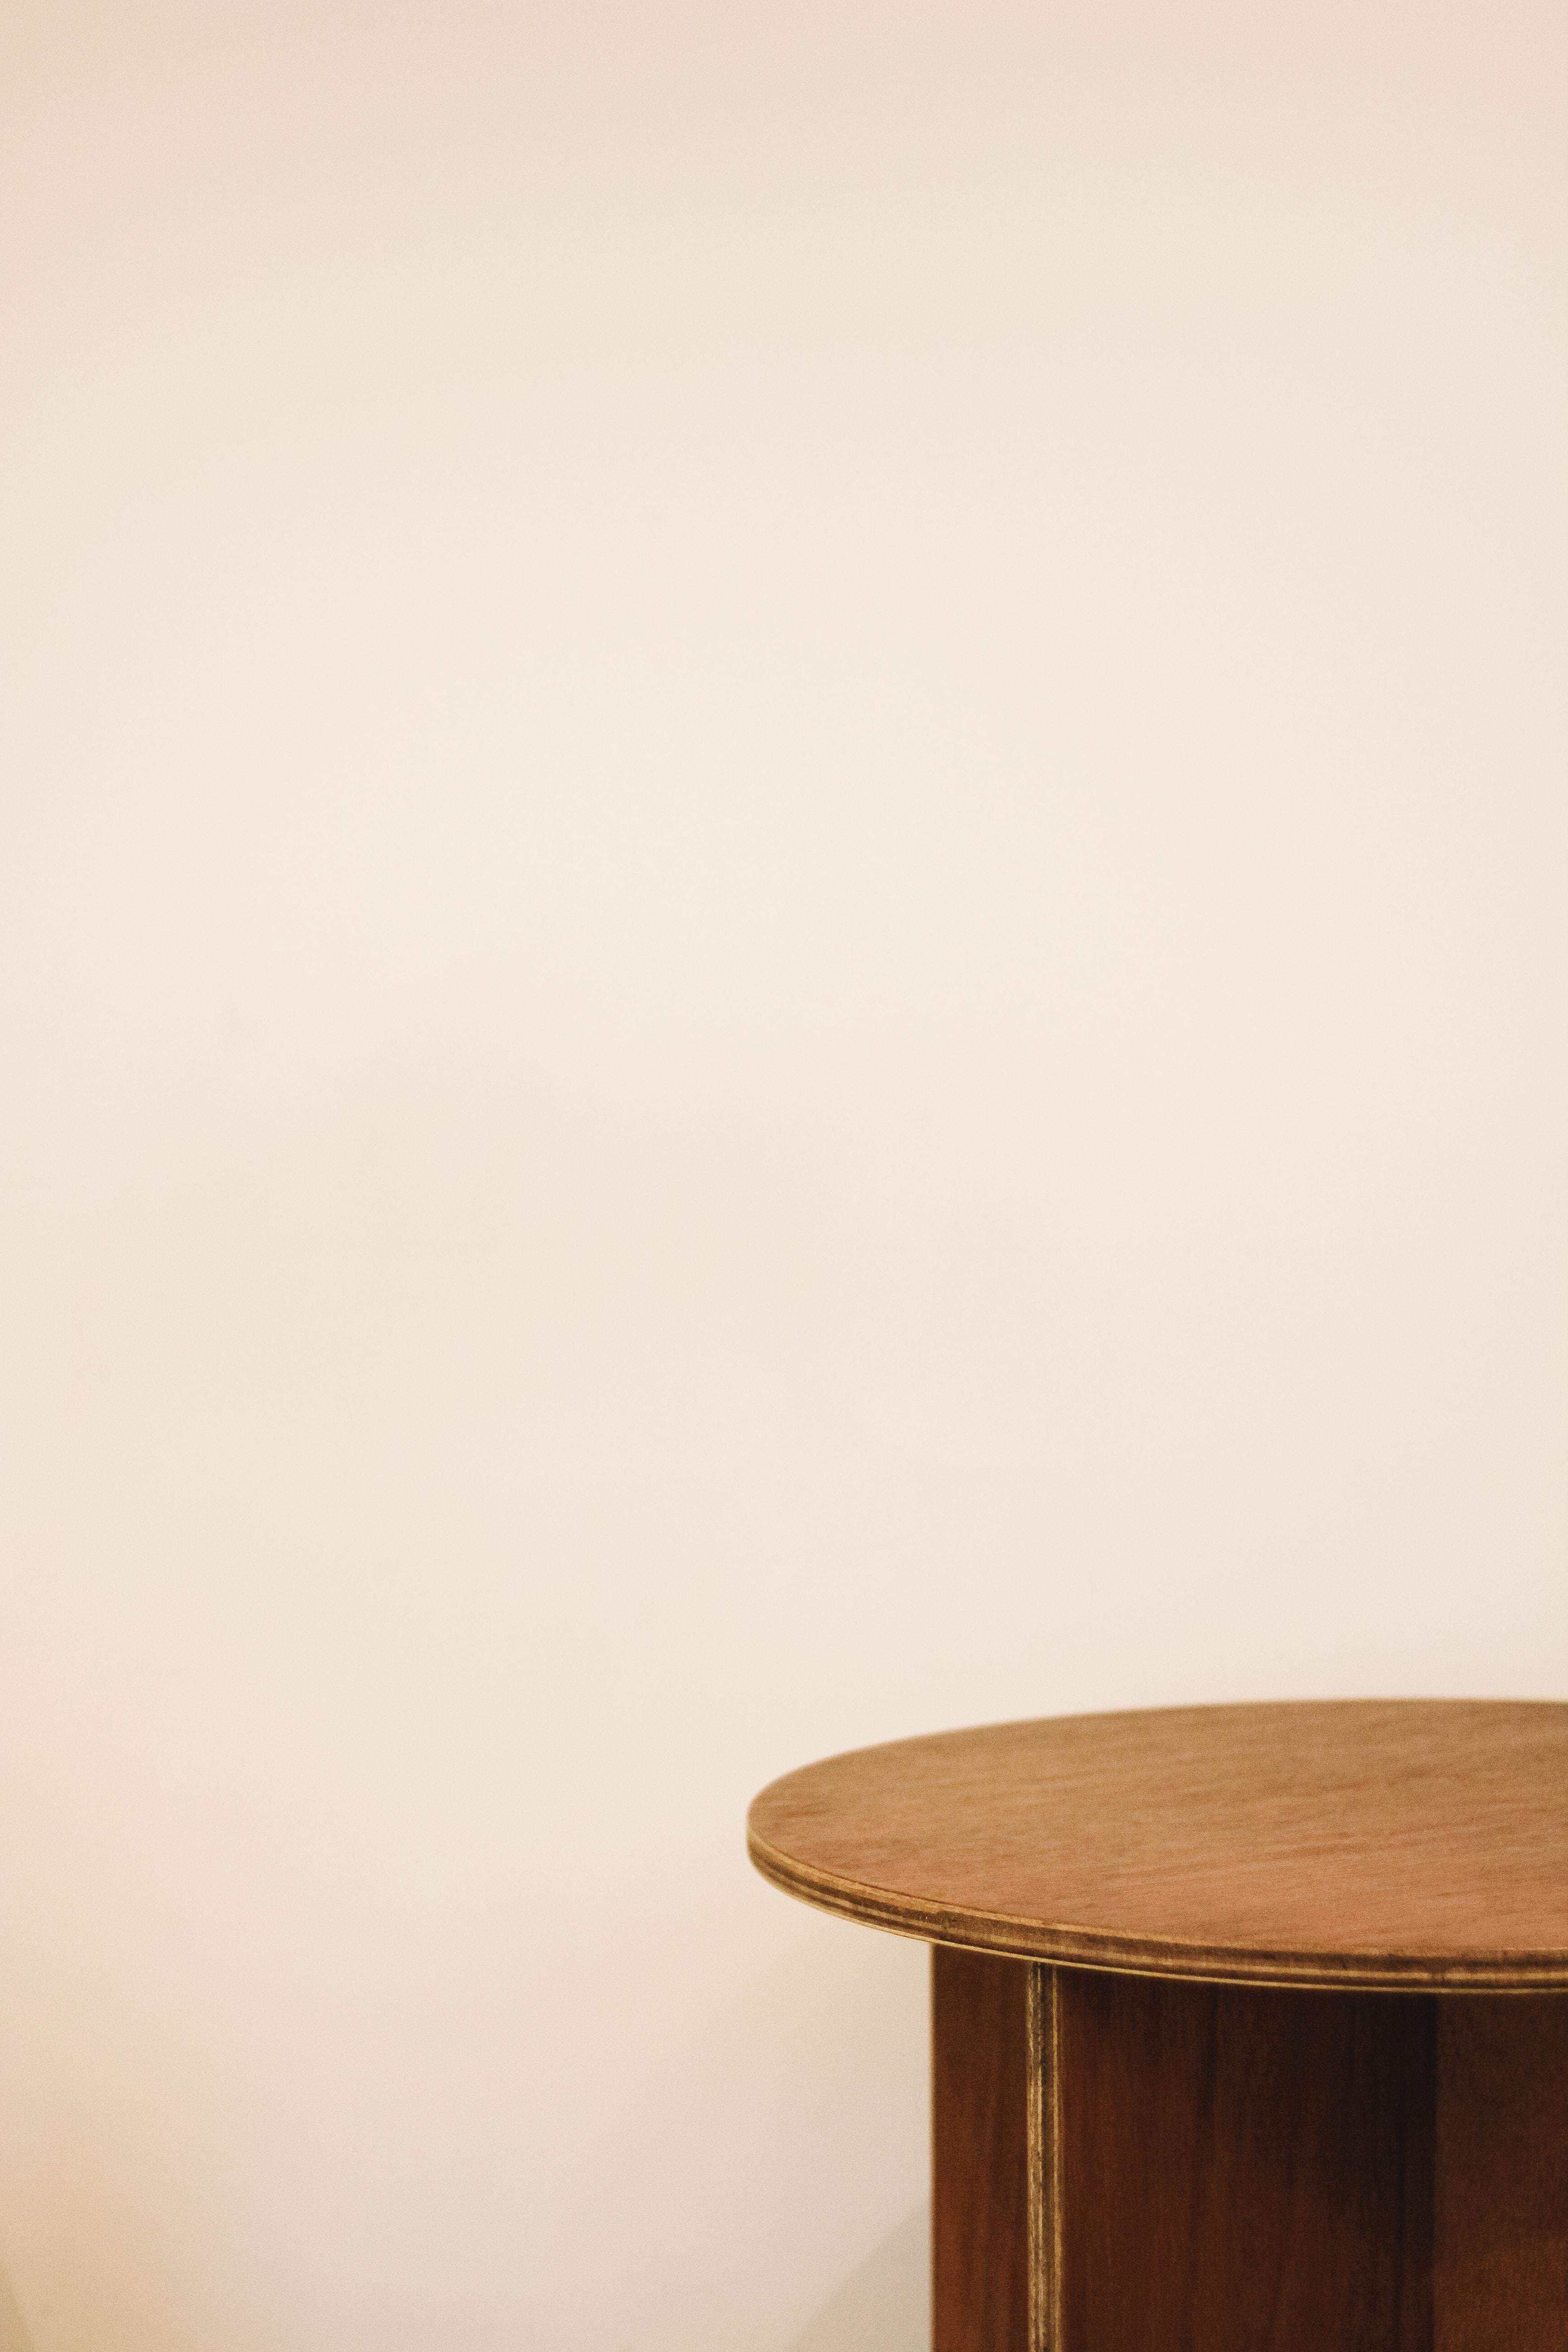 round brown wooden pedestal table